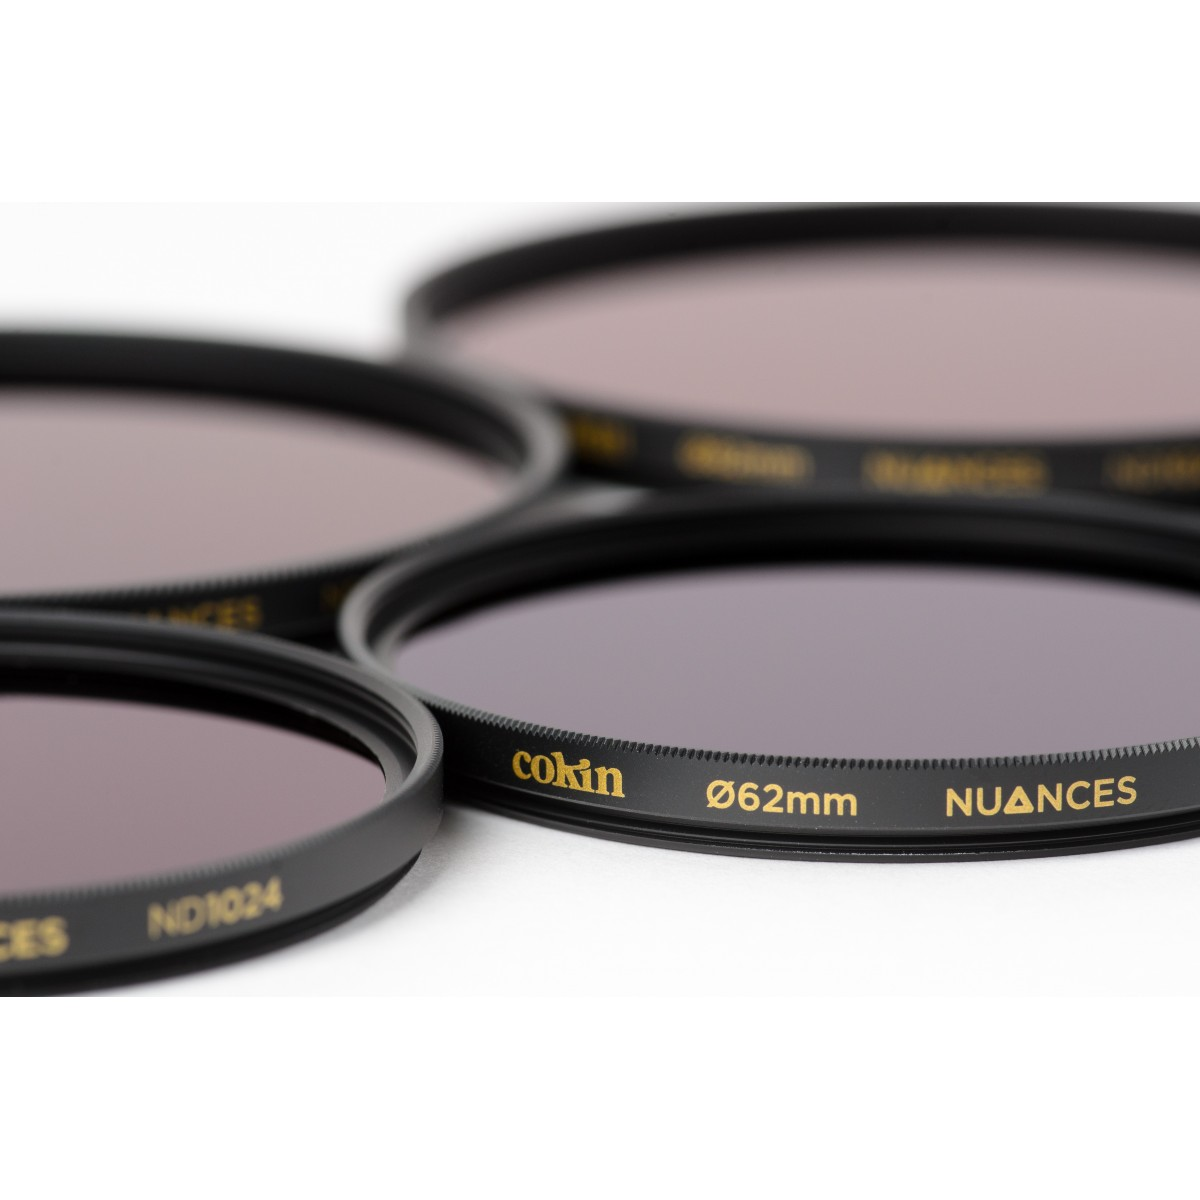 COKIN NUANCES - Filtre Densité Neutre vissant ND1024 - 62mm